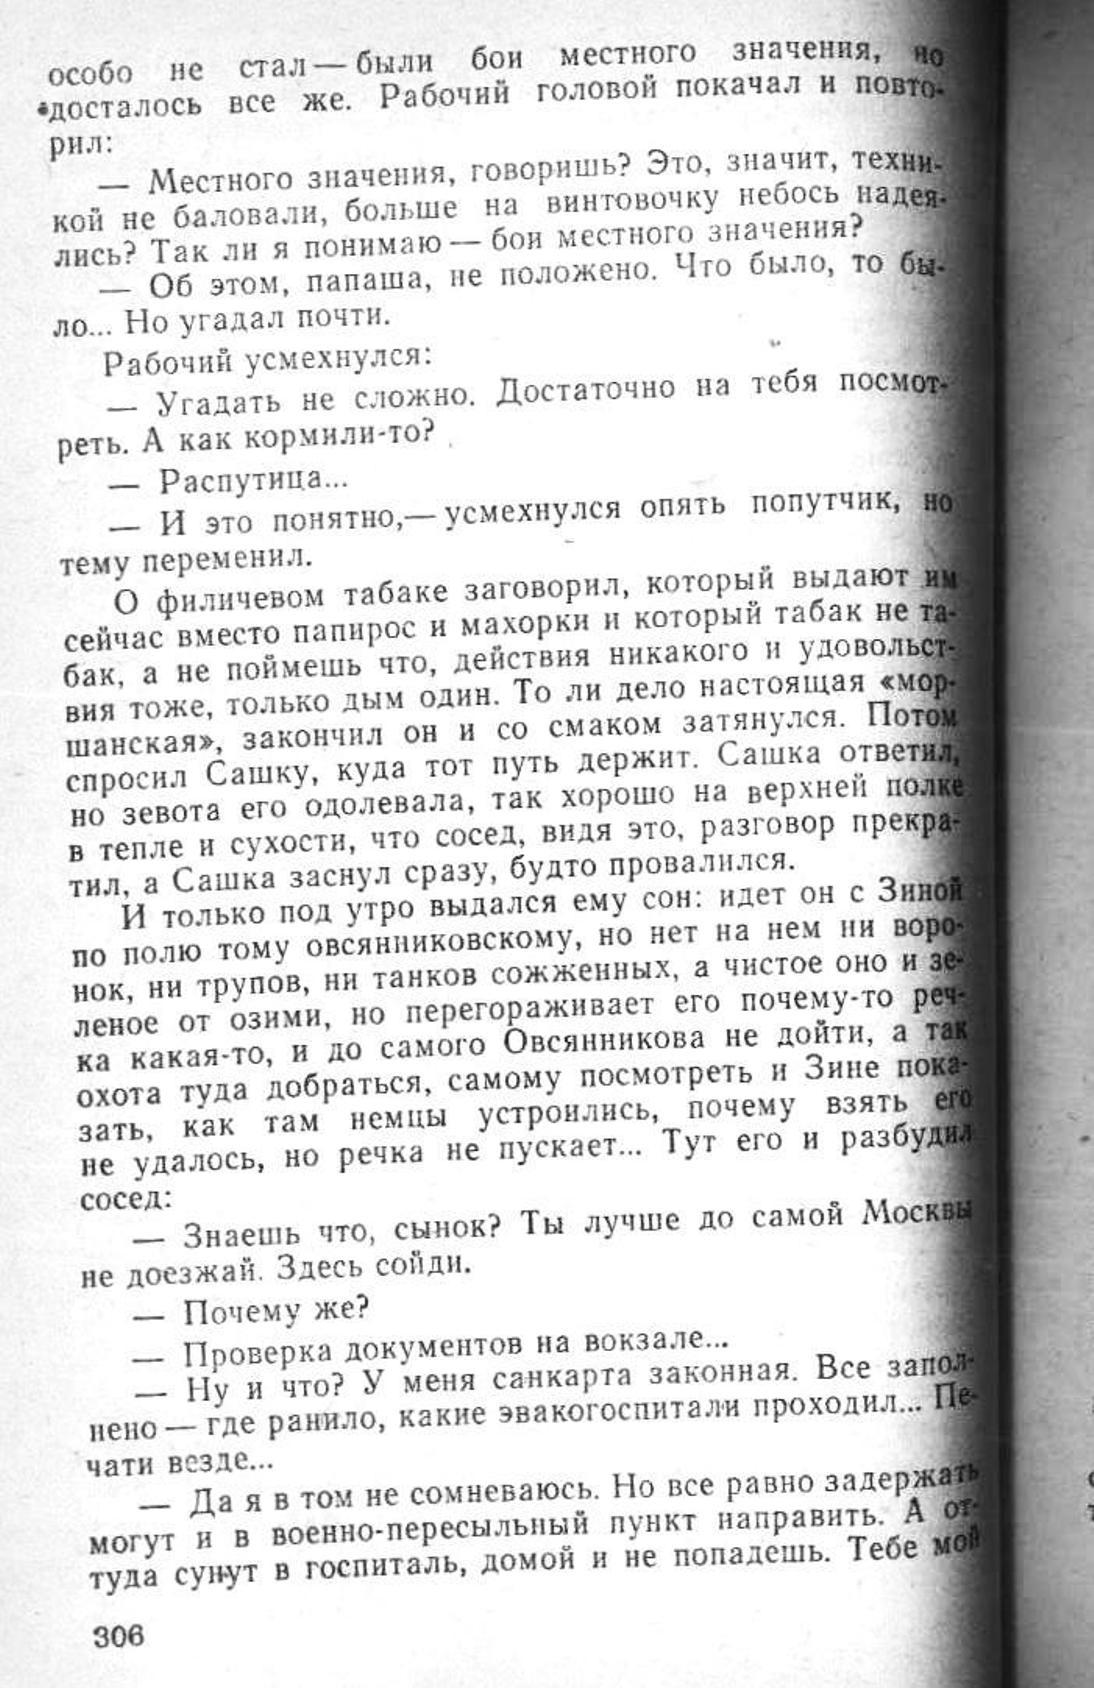 Сашка. Повесть. Вячеслав Кондратьев. 020. 003